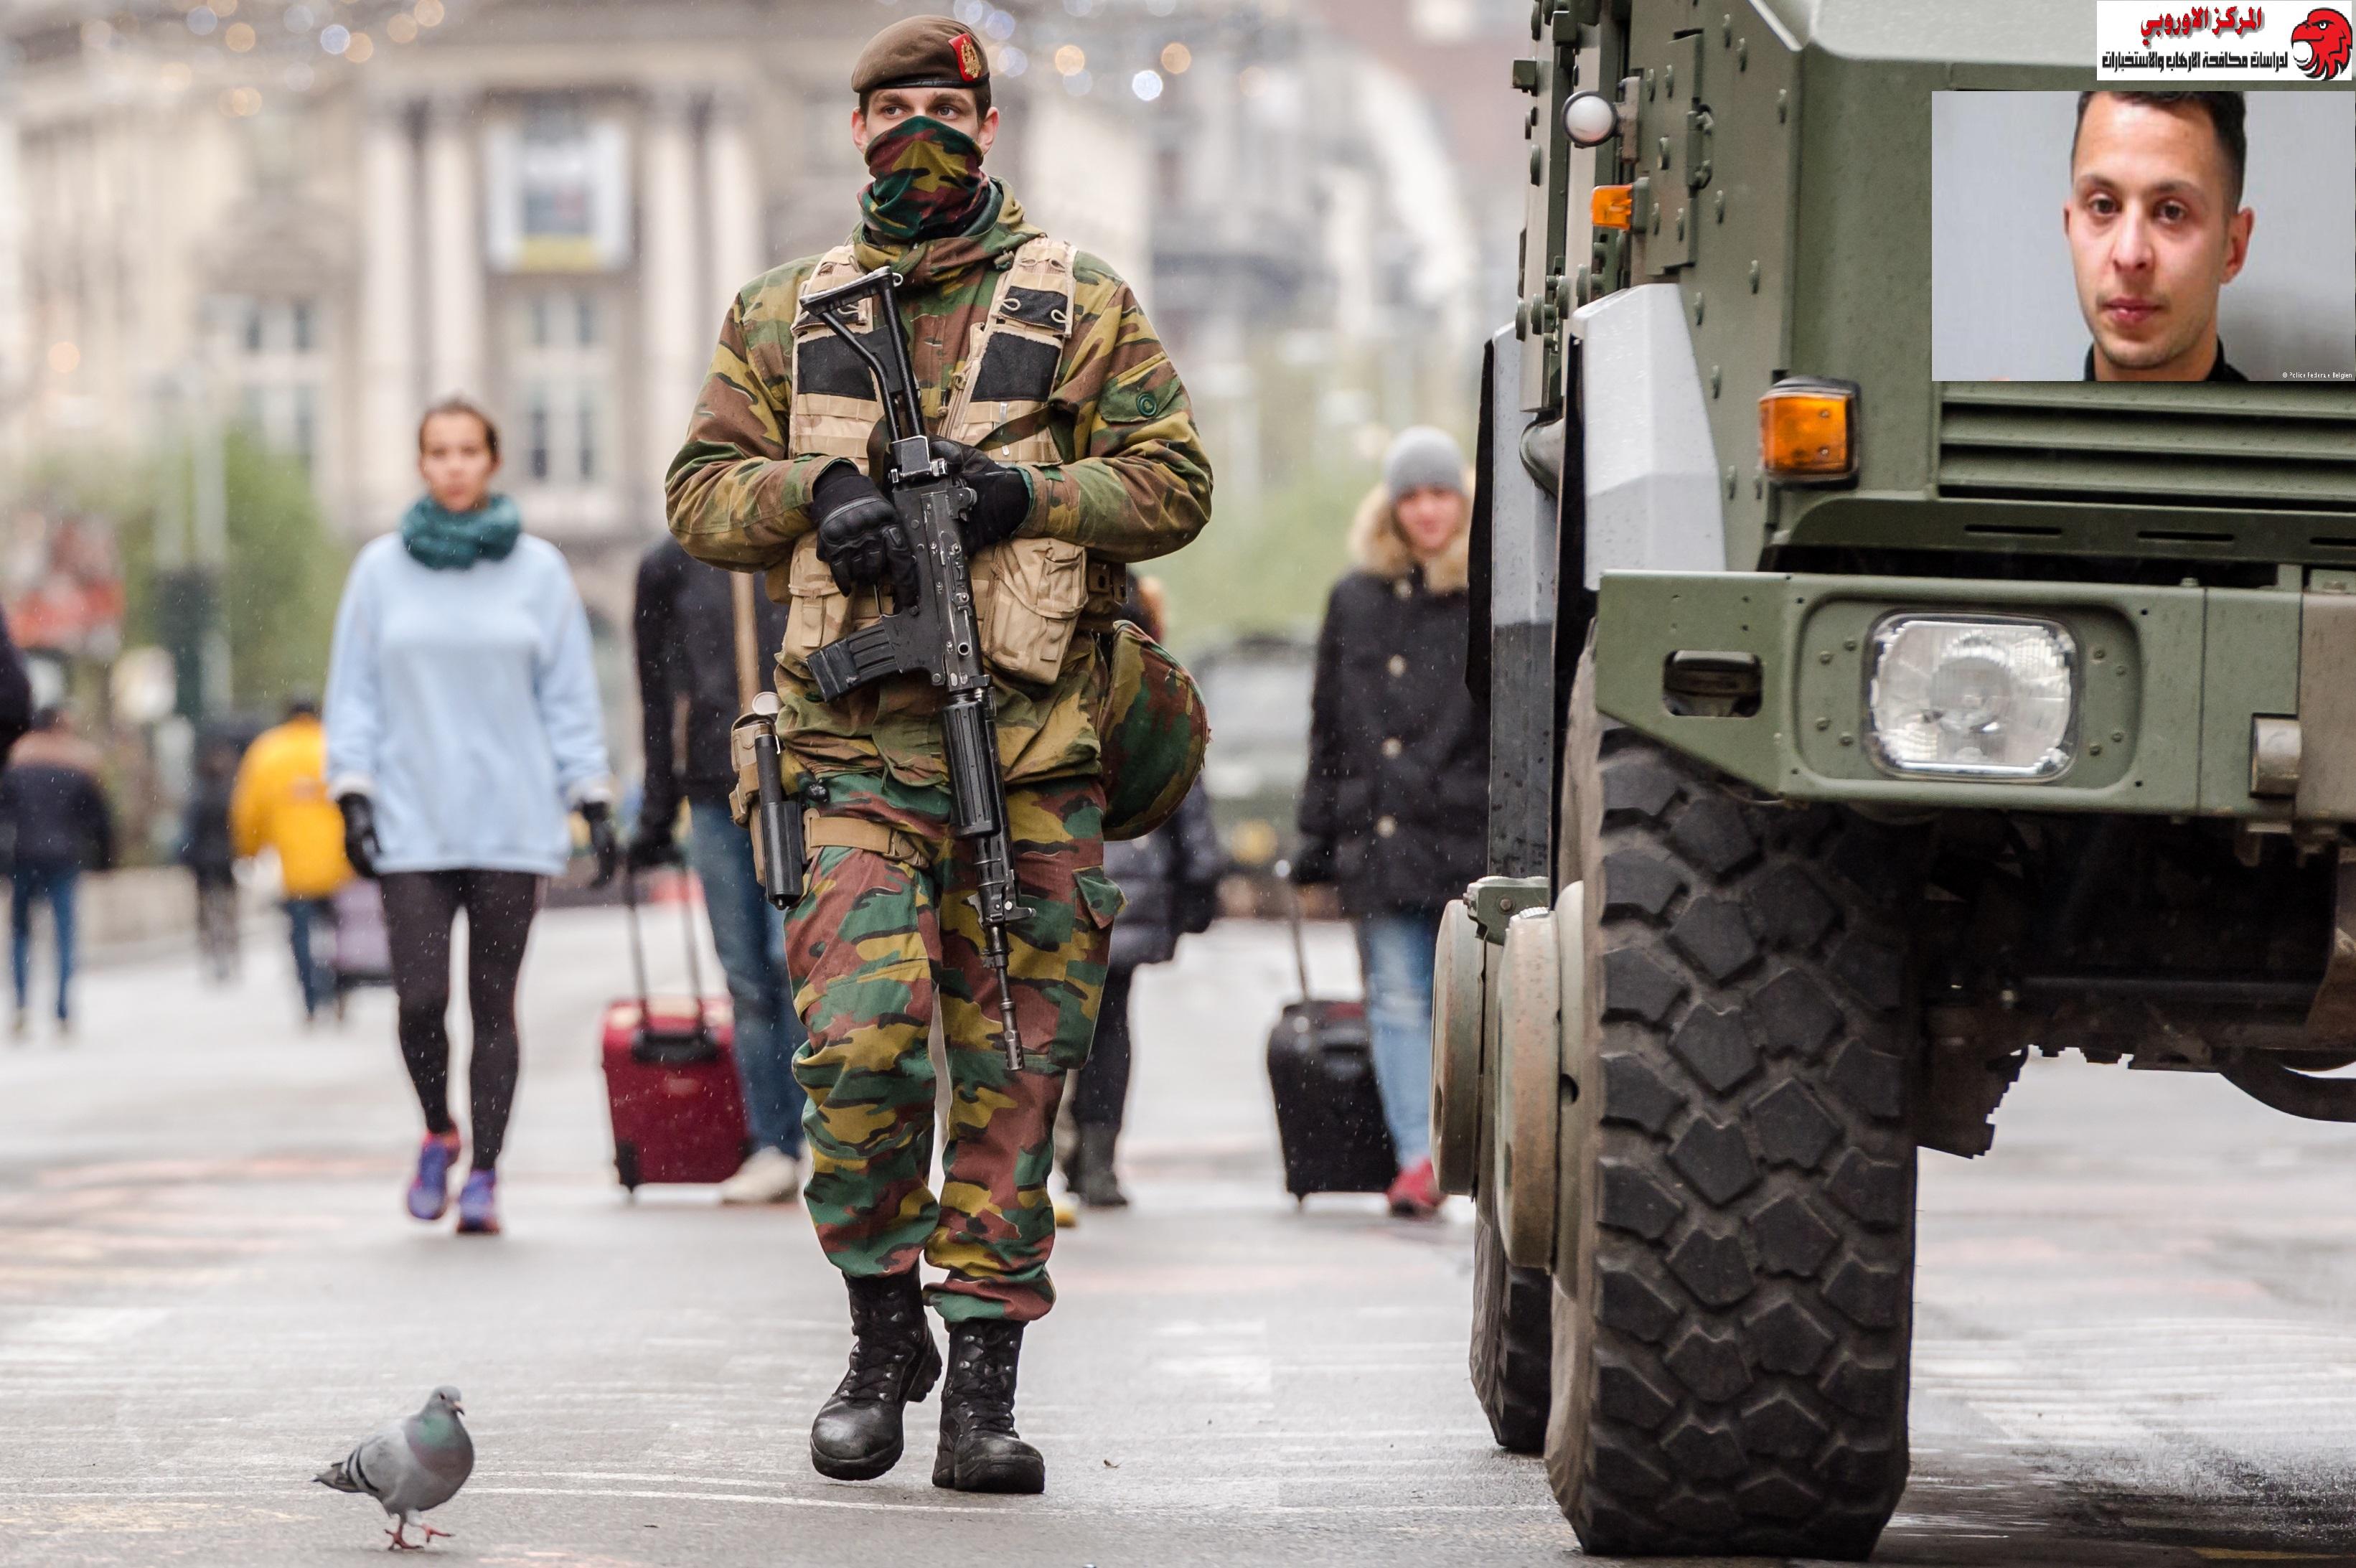 بلجيكا … المخاوف والأستعدادات بأستقبال عناصر داعش العائدين من سوريا والعراق